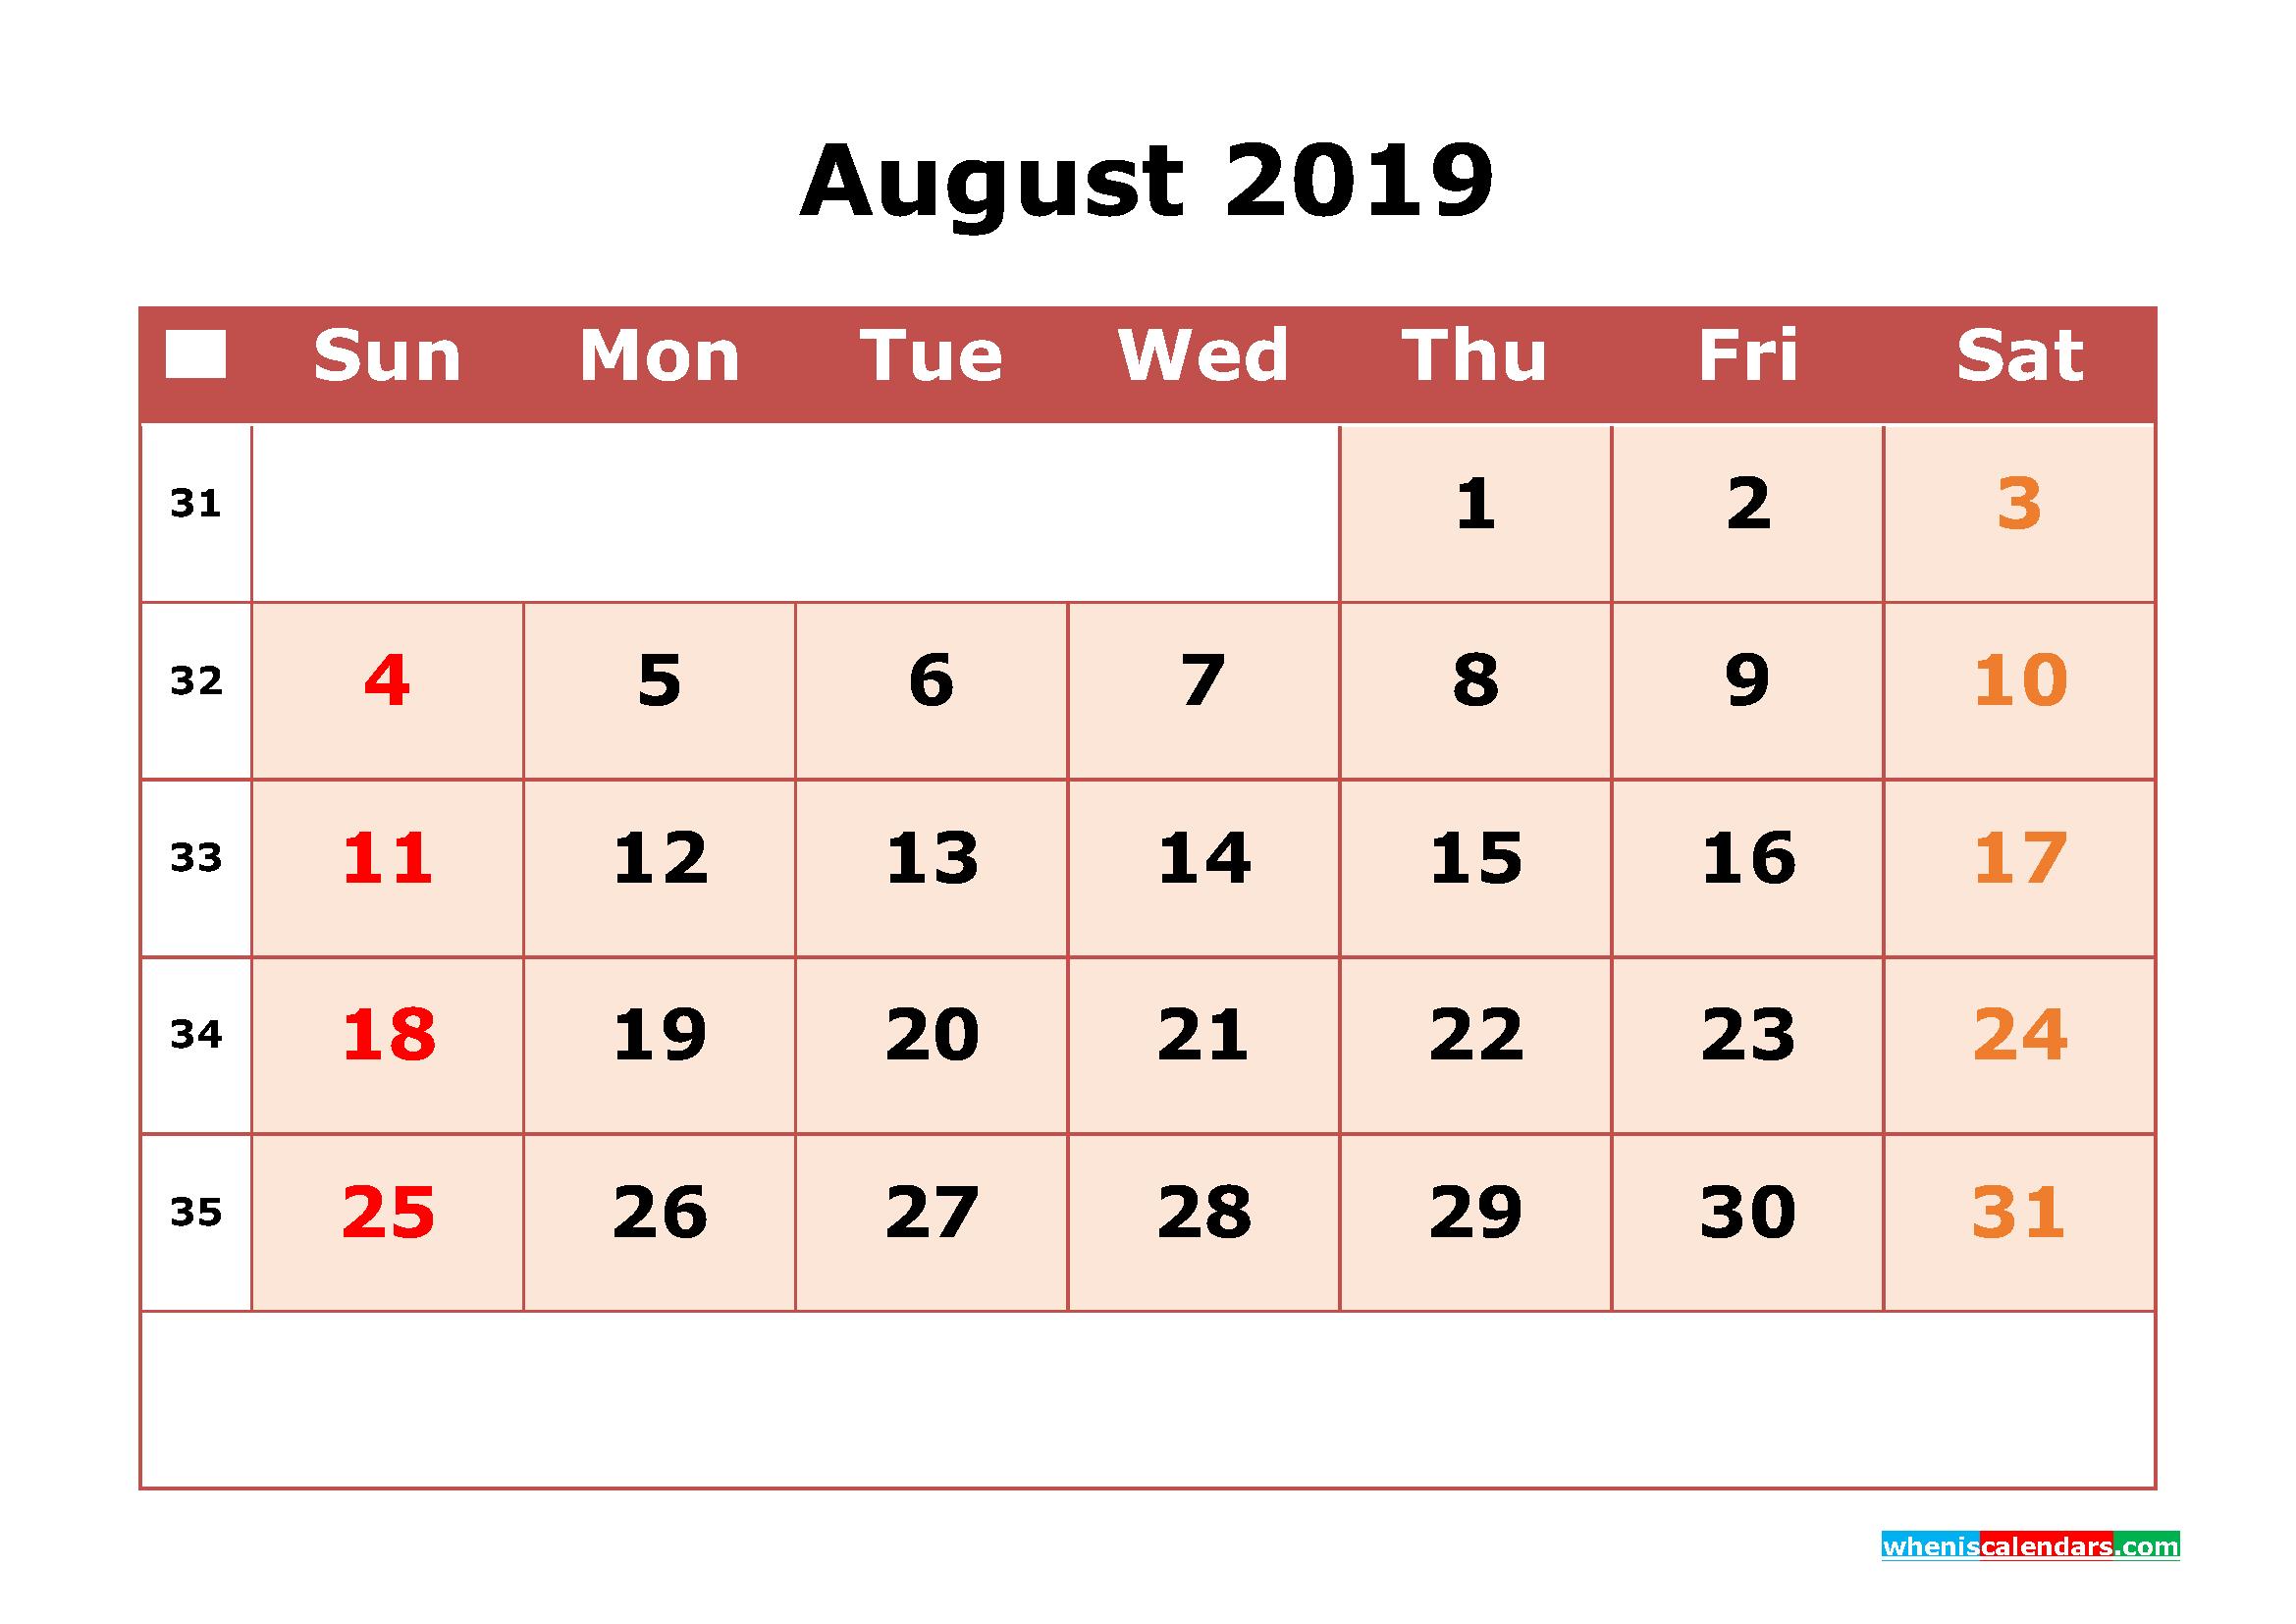 Get Free August 2019 Printable Calendar with Week Numbers as PDF, Image